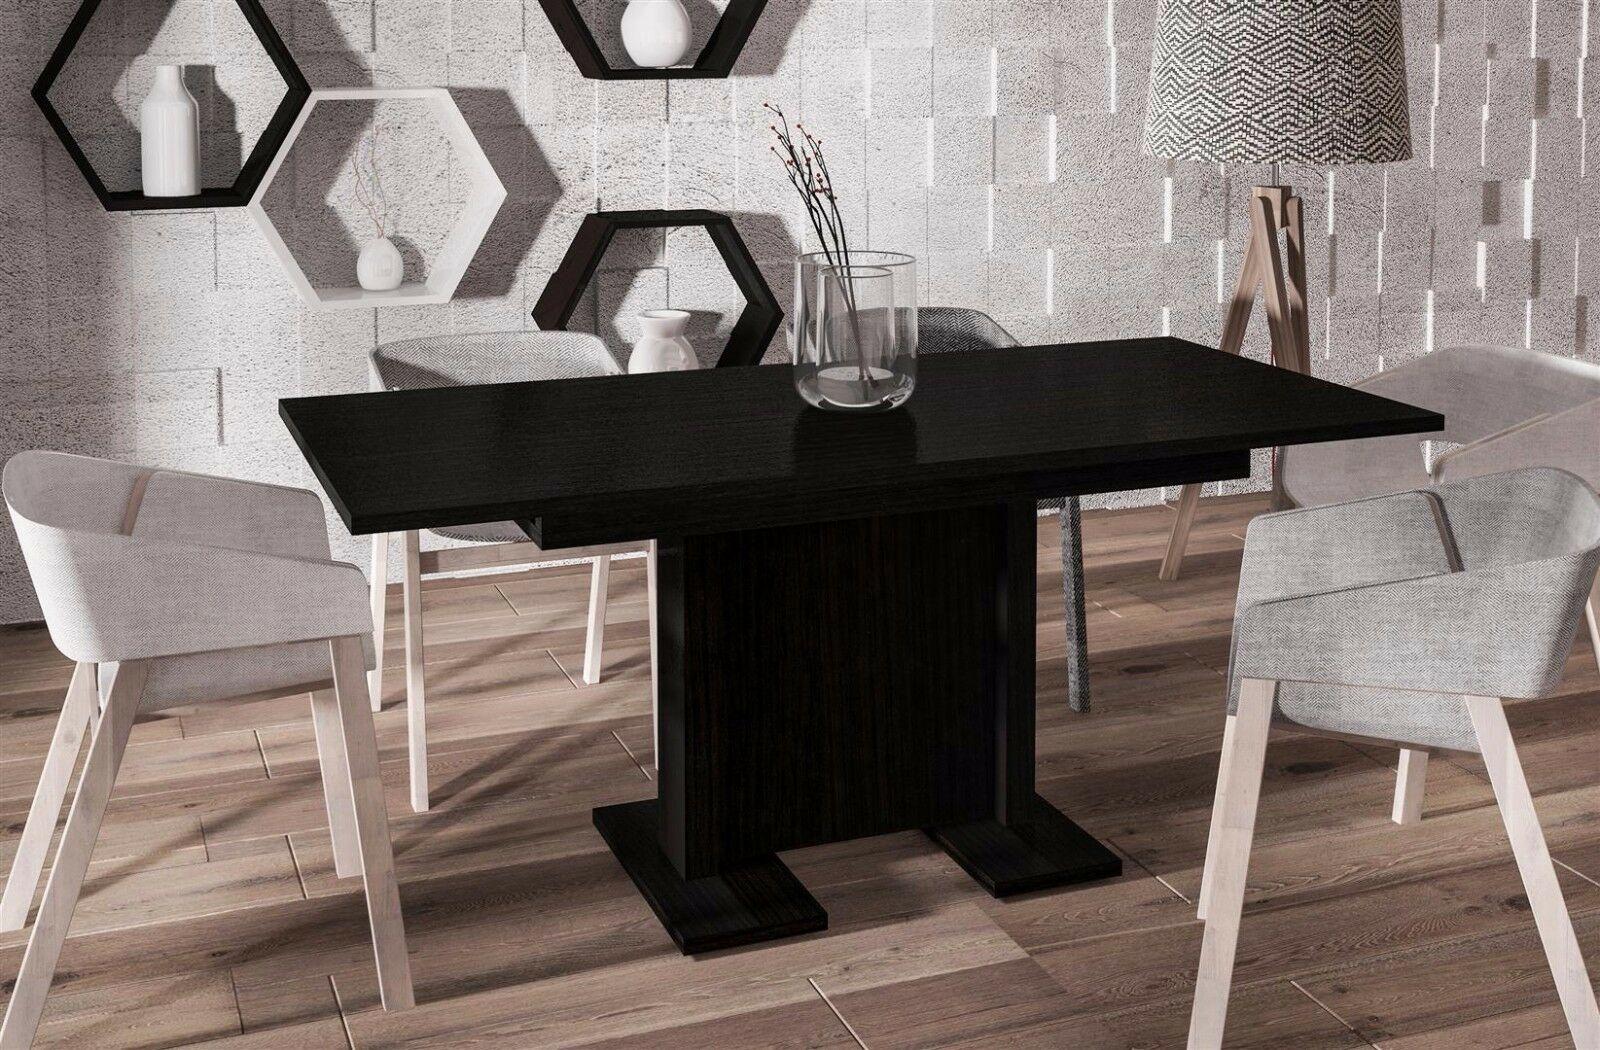 Hochwertiger Säulentisch Wenge 130 210 Ausziehbar Esstisch Modern Design  Günstig